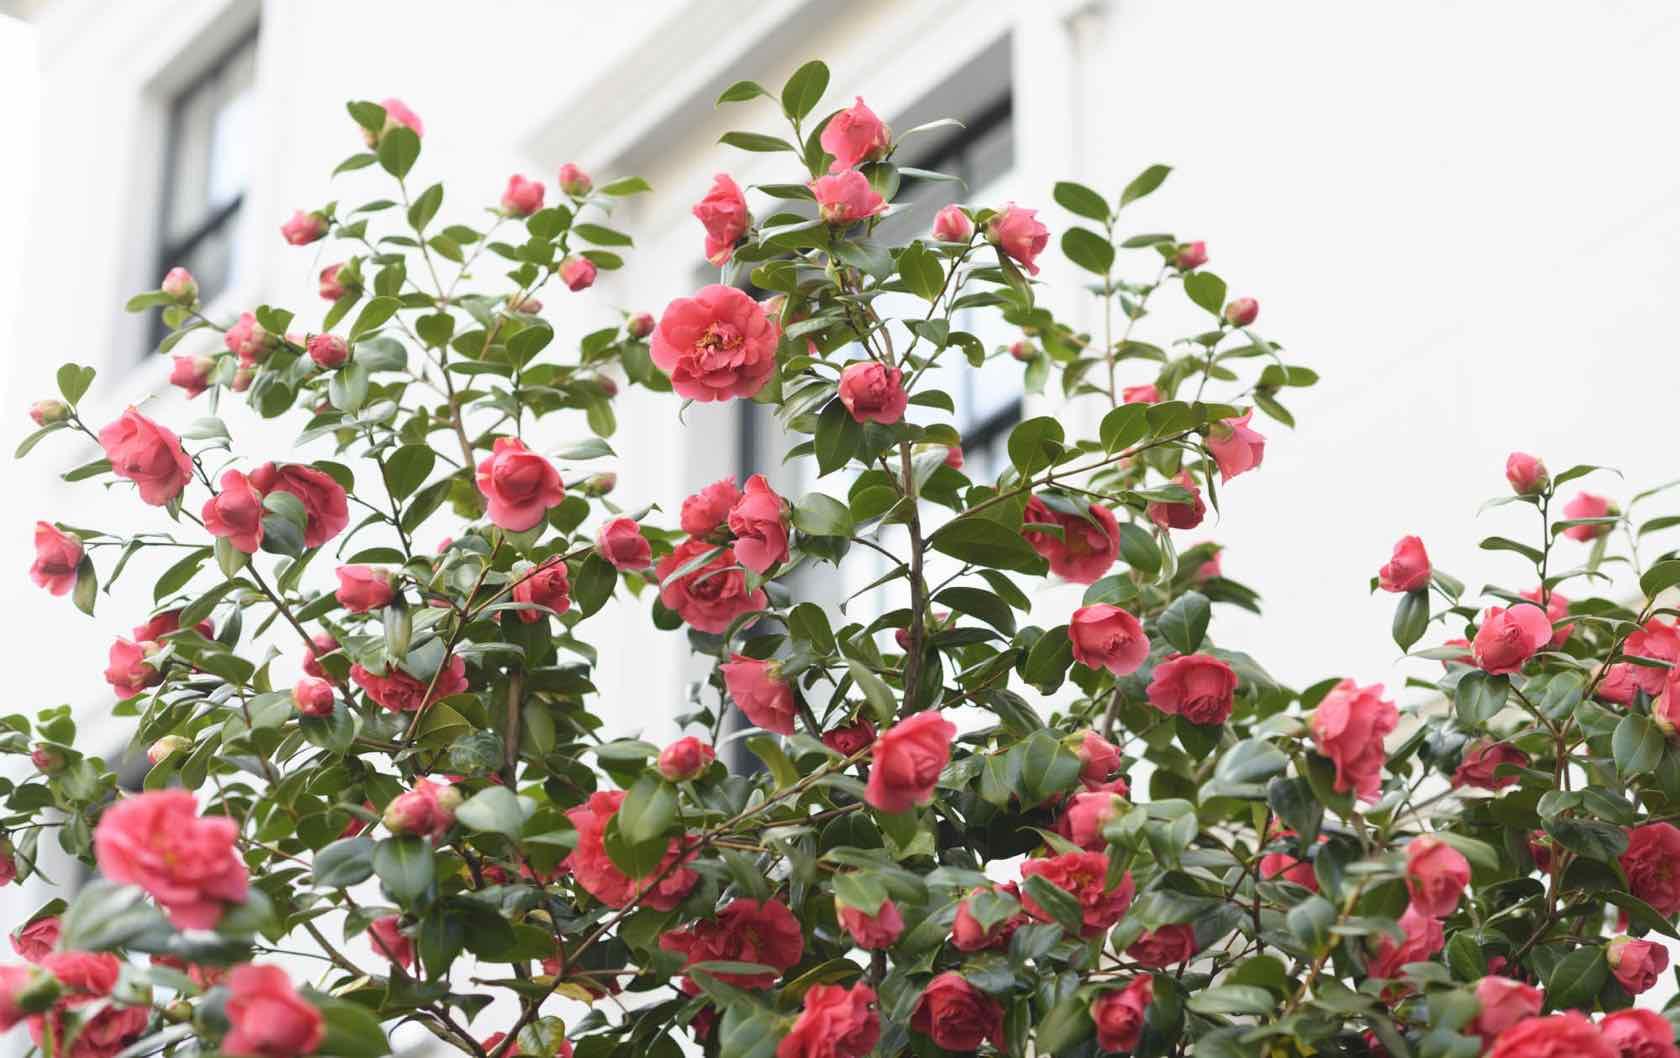 London in spring flowers